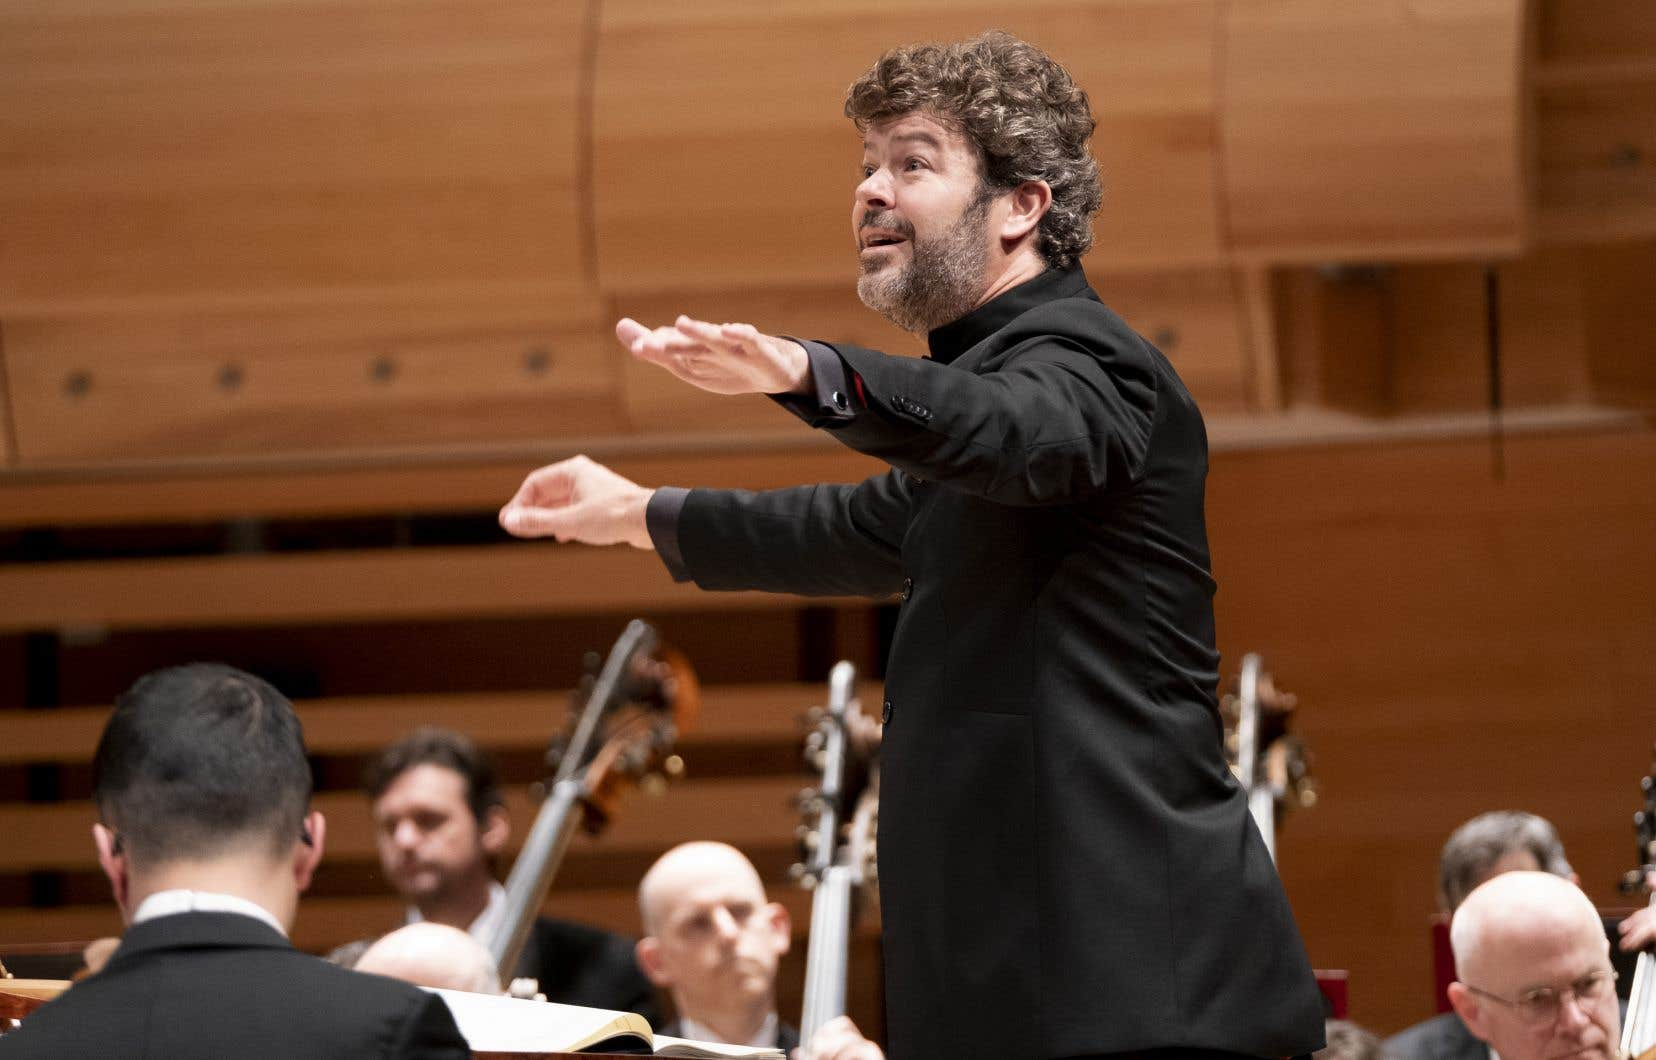 Parmi les divers chefs ciblés dans le processus de recherche du nouveau directeur musical de l'OSM, Pablo Heras-Casado est celui qui a, médiatiquement et internationalement, le profil le plus prestigieux ou convoité.